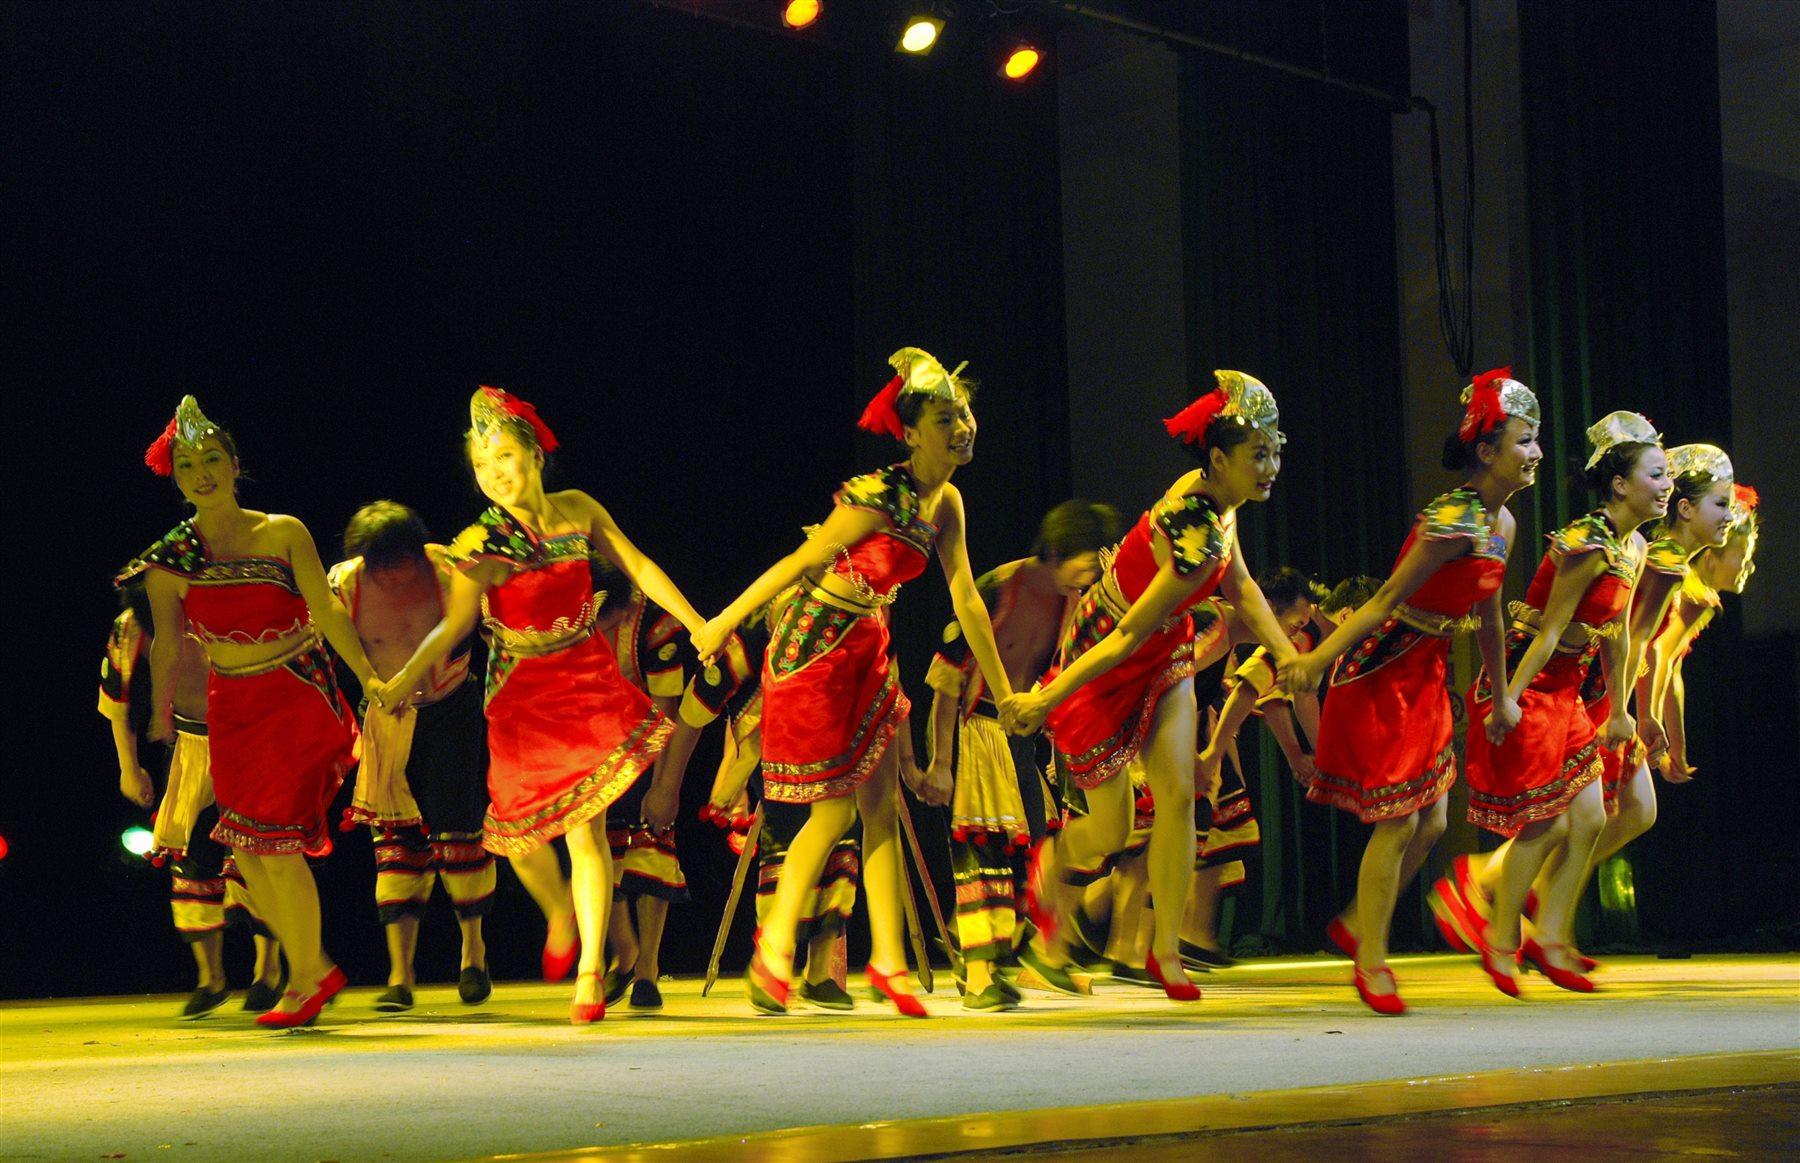 2010年楚雄市火把节(彝族汉子)舞台展演剧照